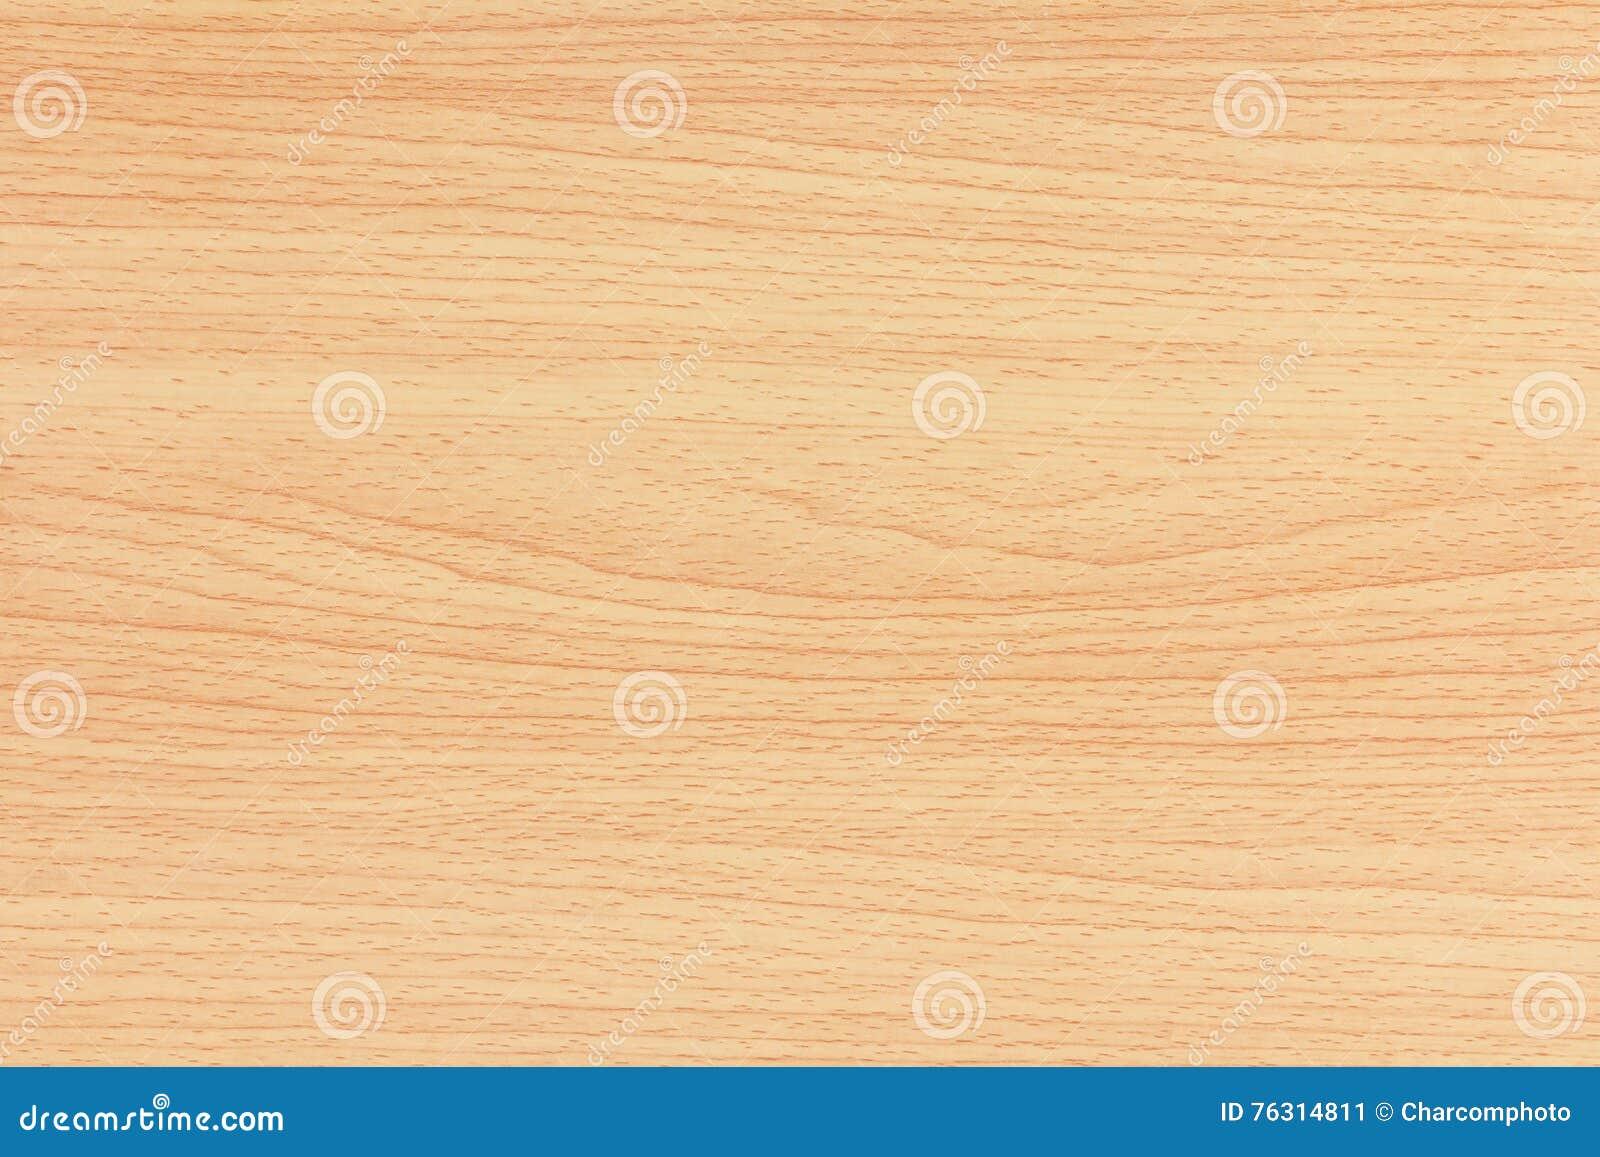 För kryssfanerplanka för pastell målat brunt golv Bakgrund för textur för grå färgöverkanttabell gammal trä Hus för bokträdsignal